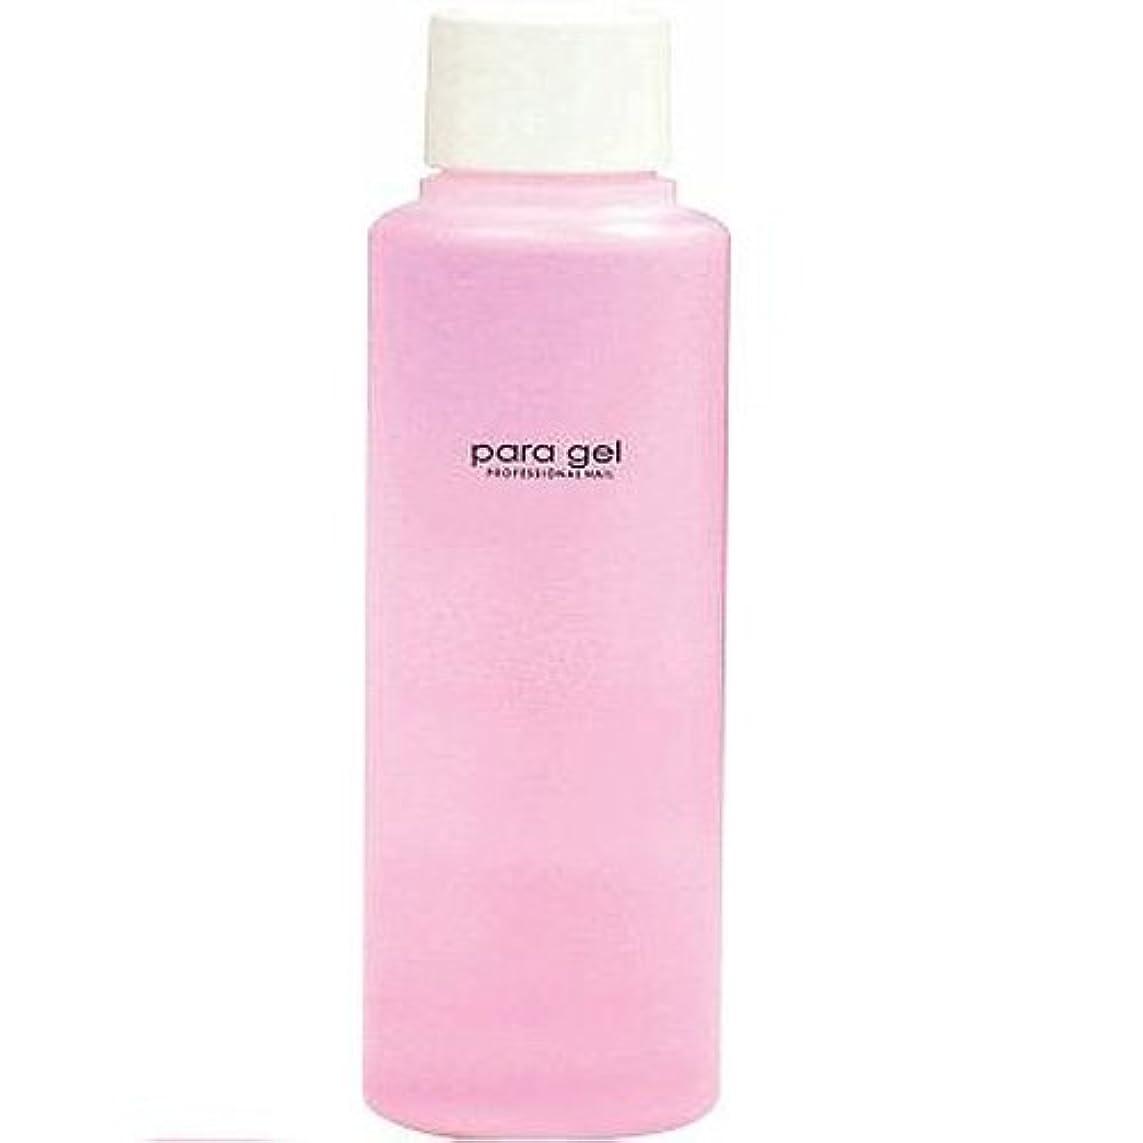 も欠伸悪性パラジェル(para gel) パラリムーバー 120ml